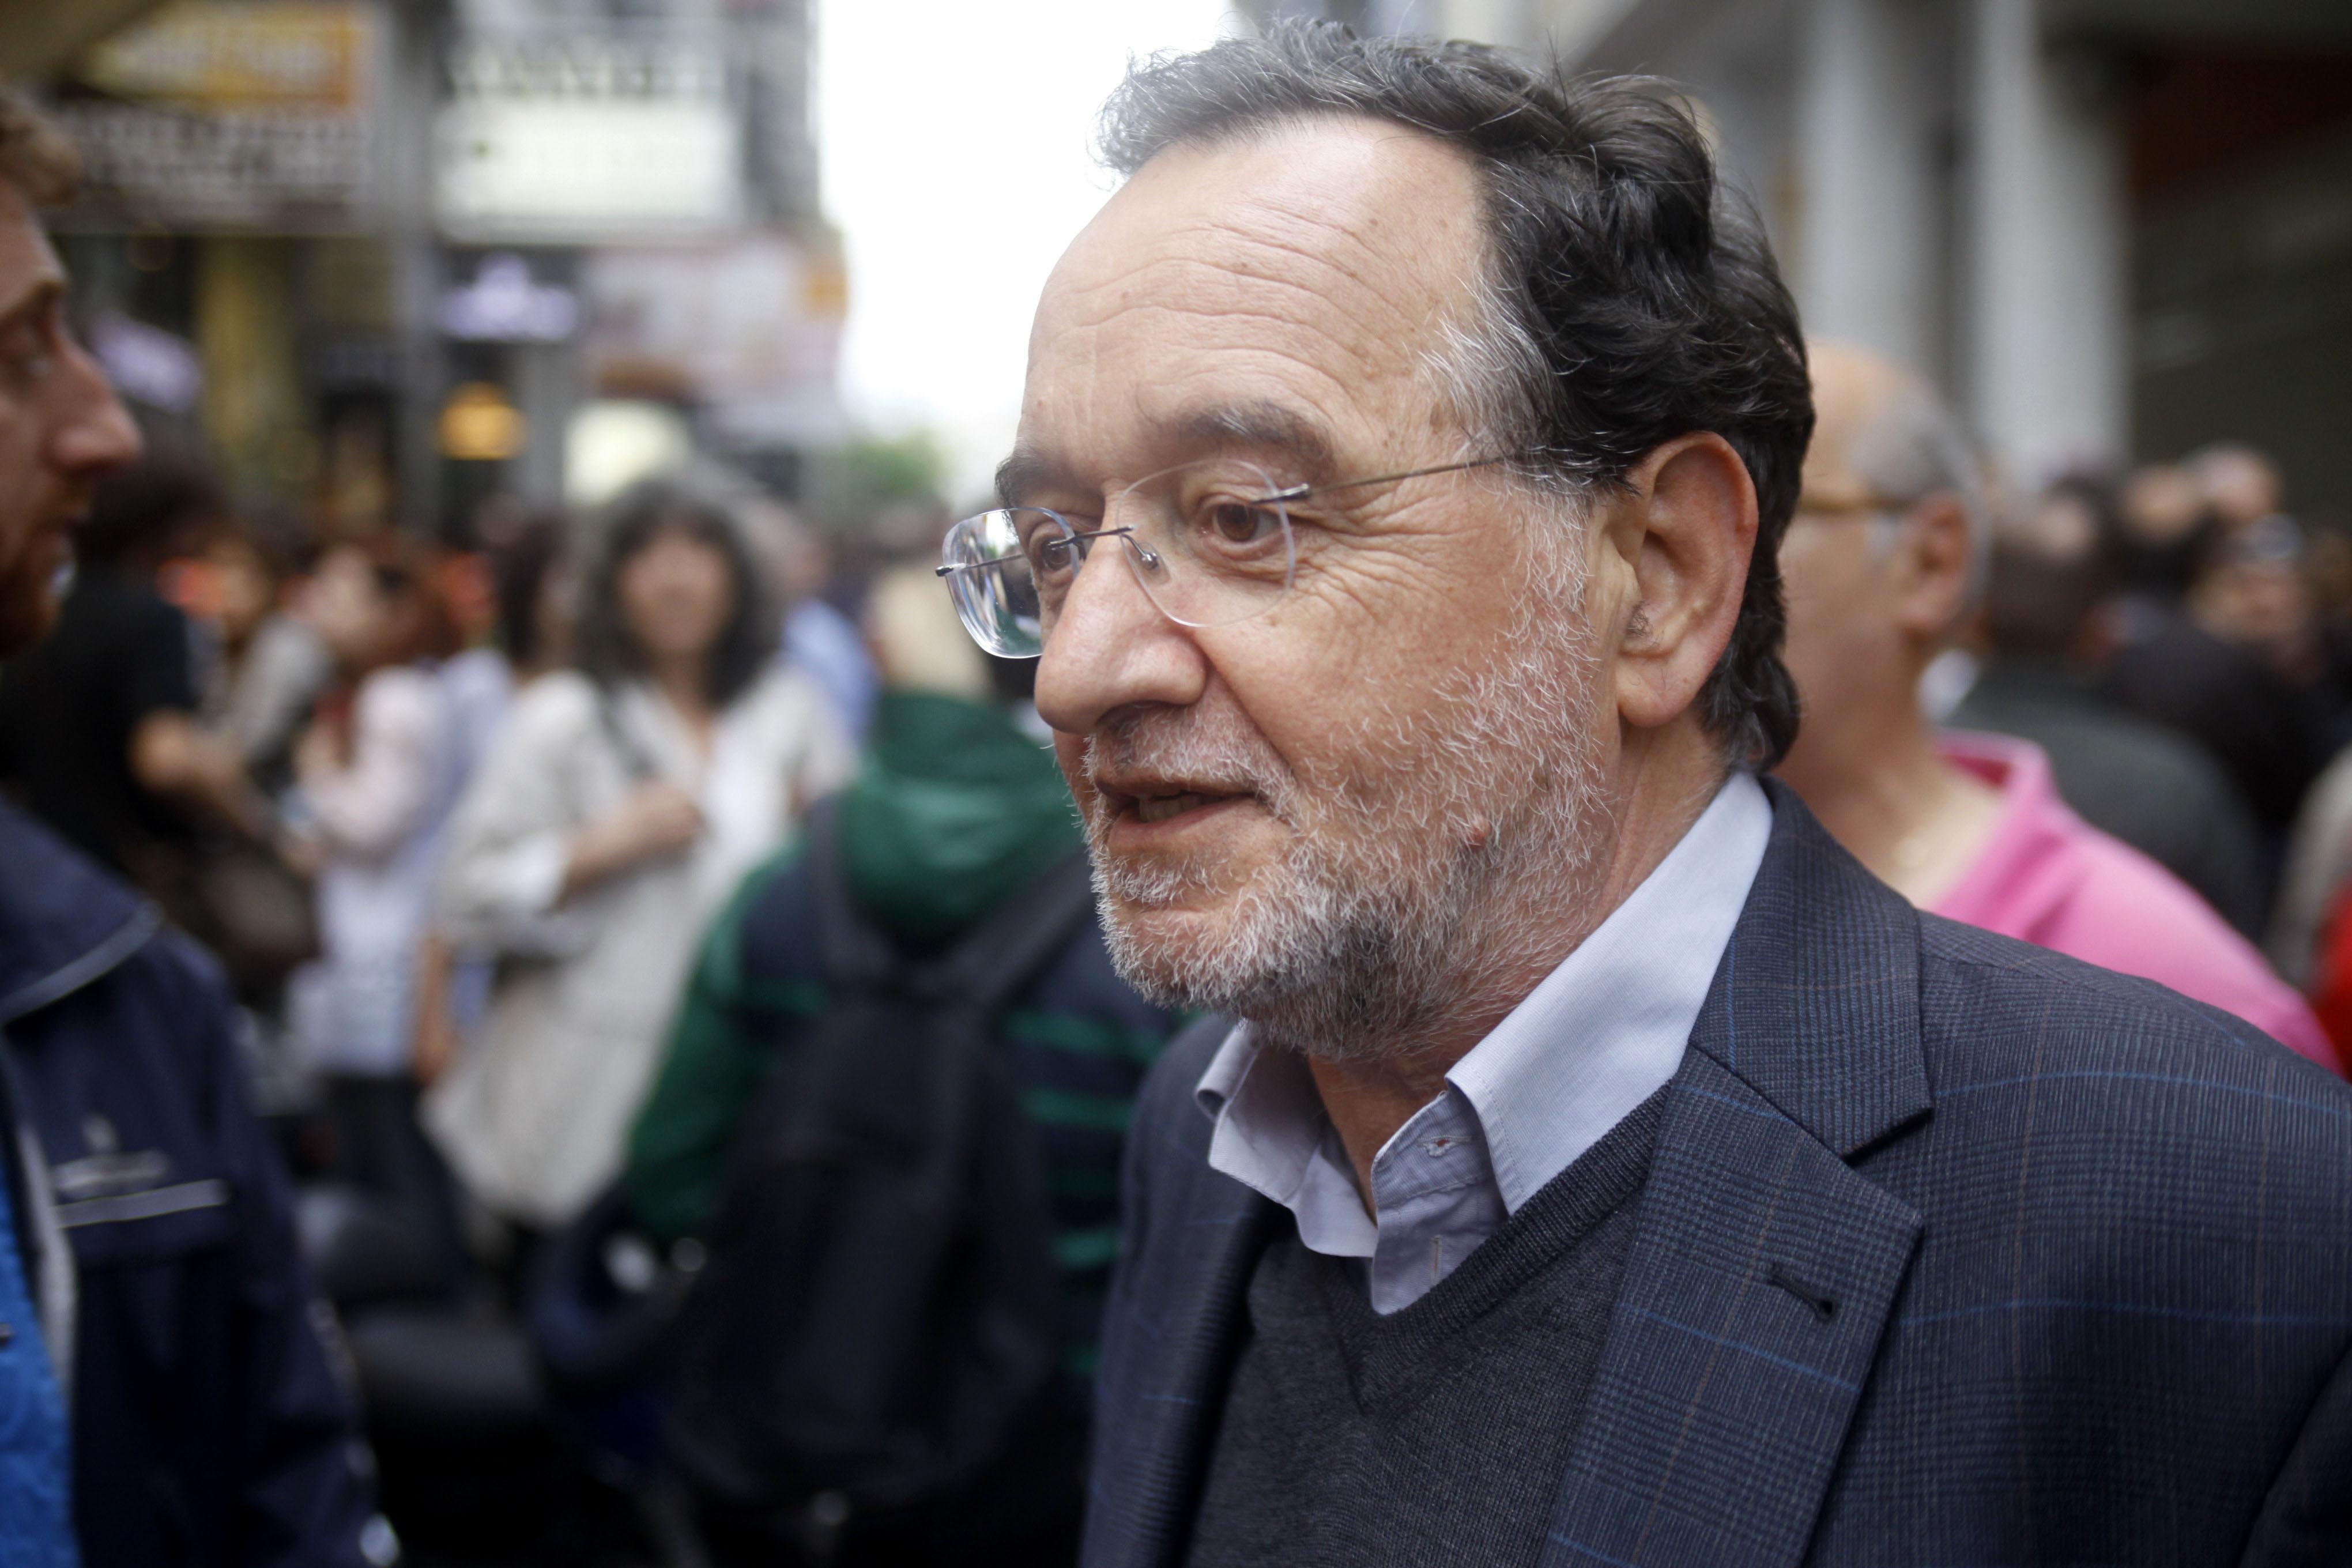 Το ΚΚΕ καταδικάζει την παραπομπή του Π. Λαφαζάνη και άλλων αγωνιστών